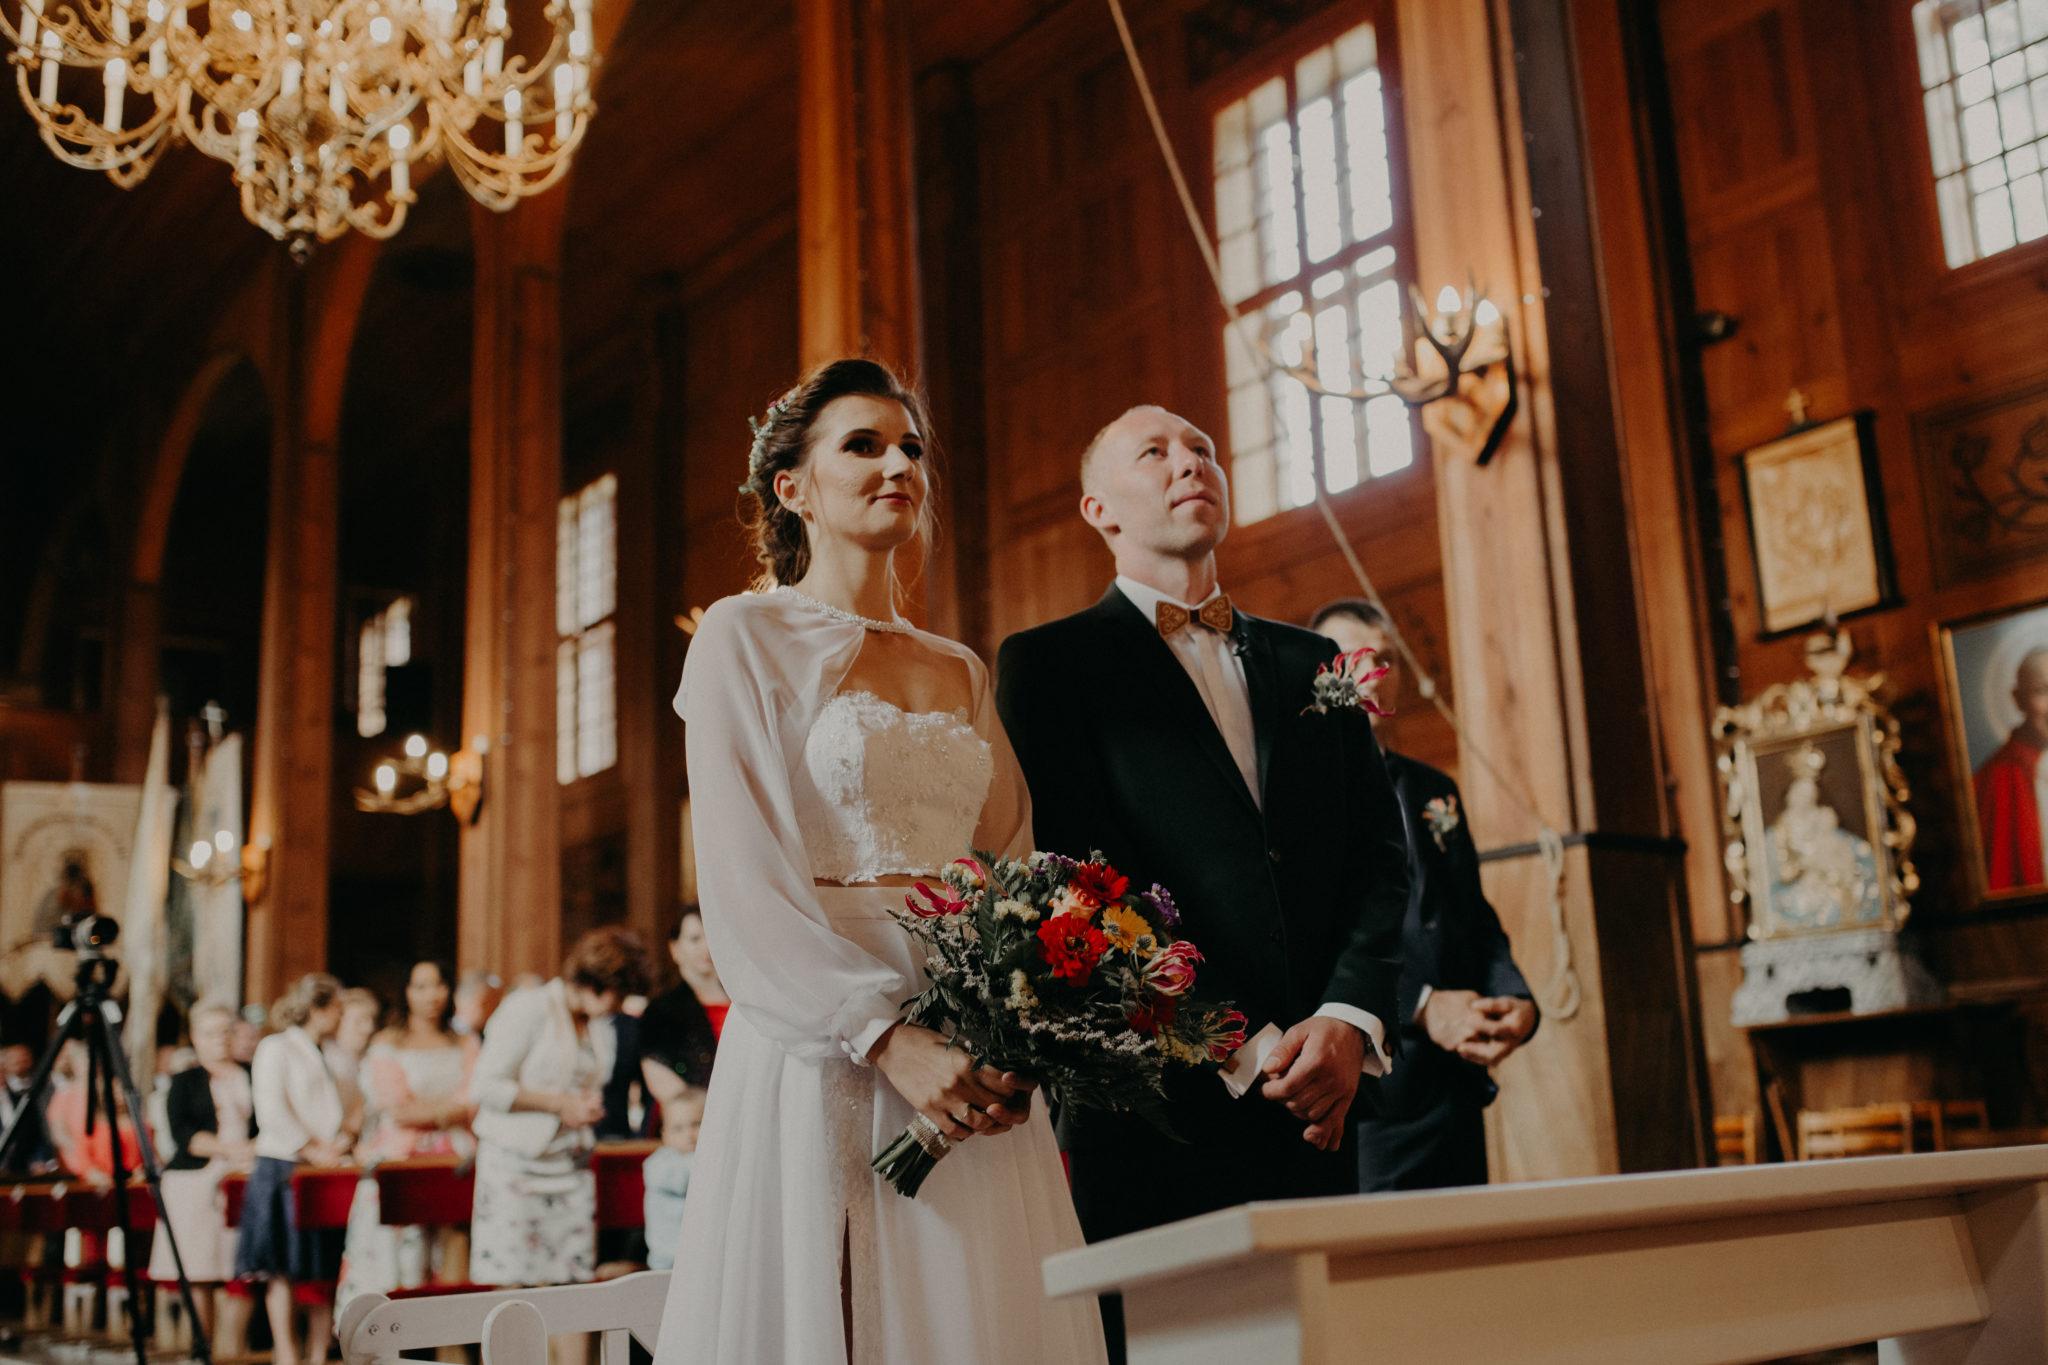 gosia i kuba65 - fotografiagk Fotografia ślubna RK wedding